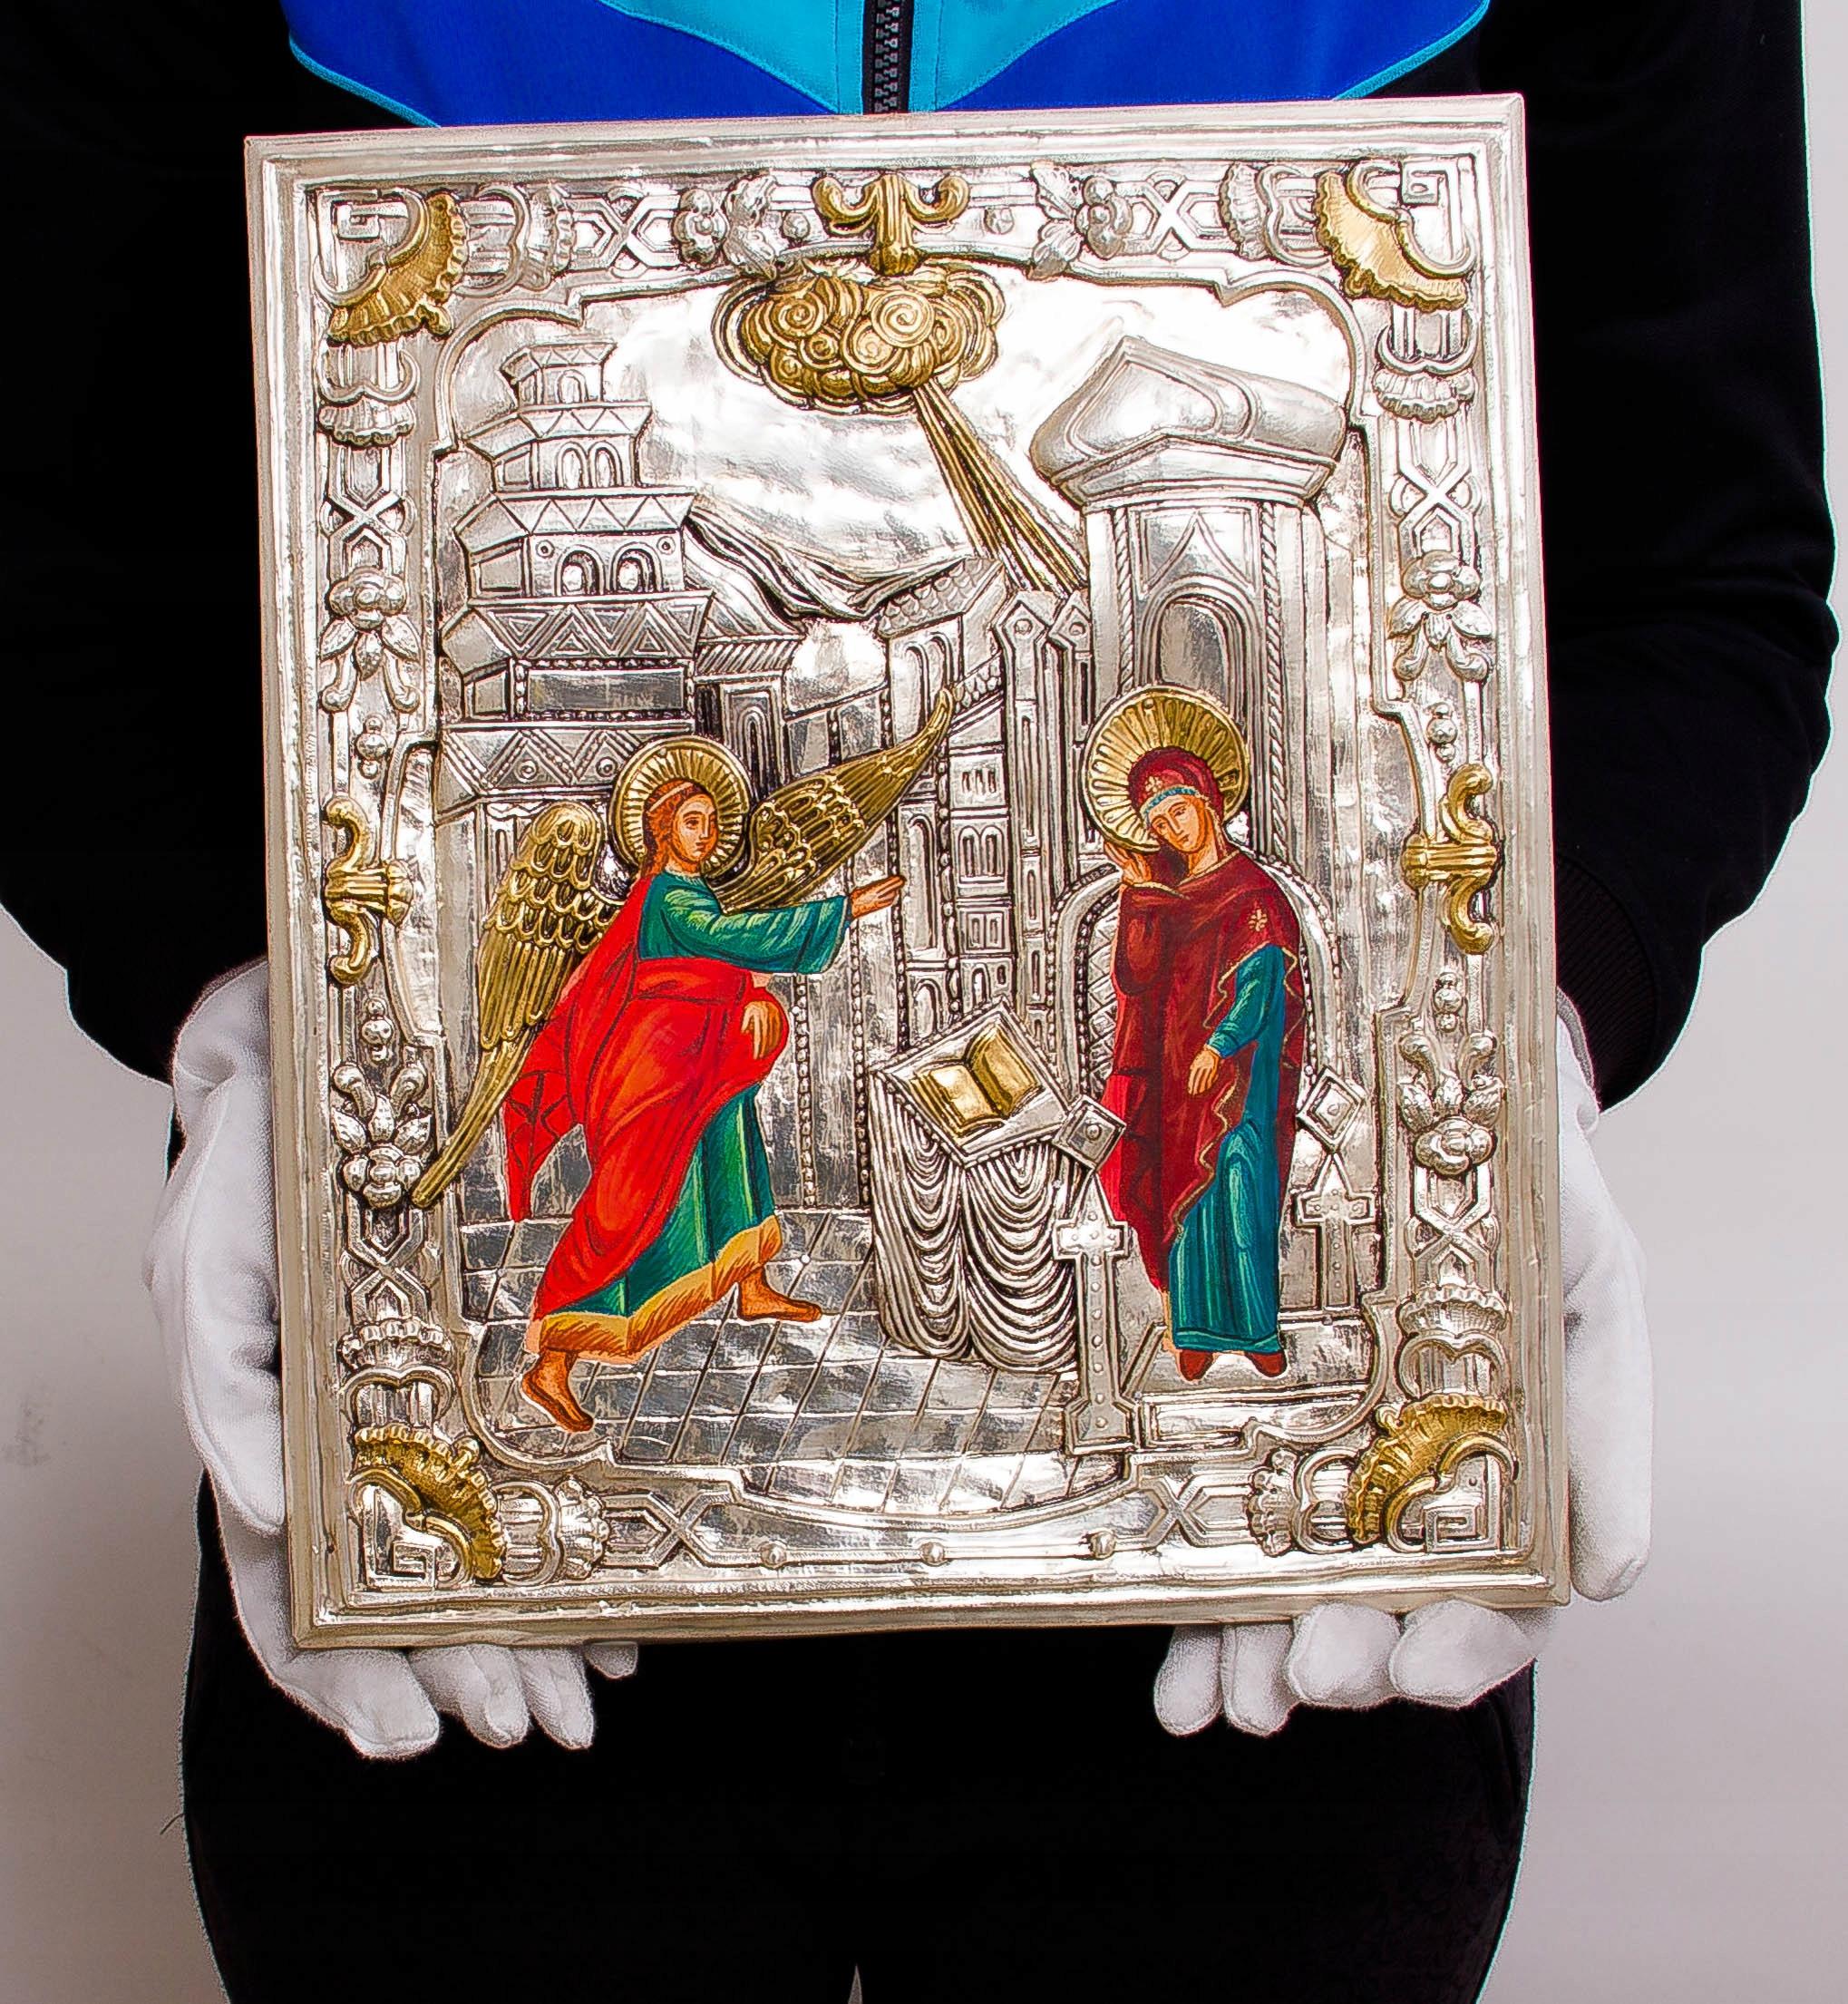 Ikona Zwiastowania Najświętszej Marii Panny Oryginalność Oryginalne